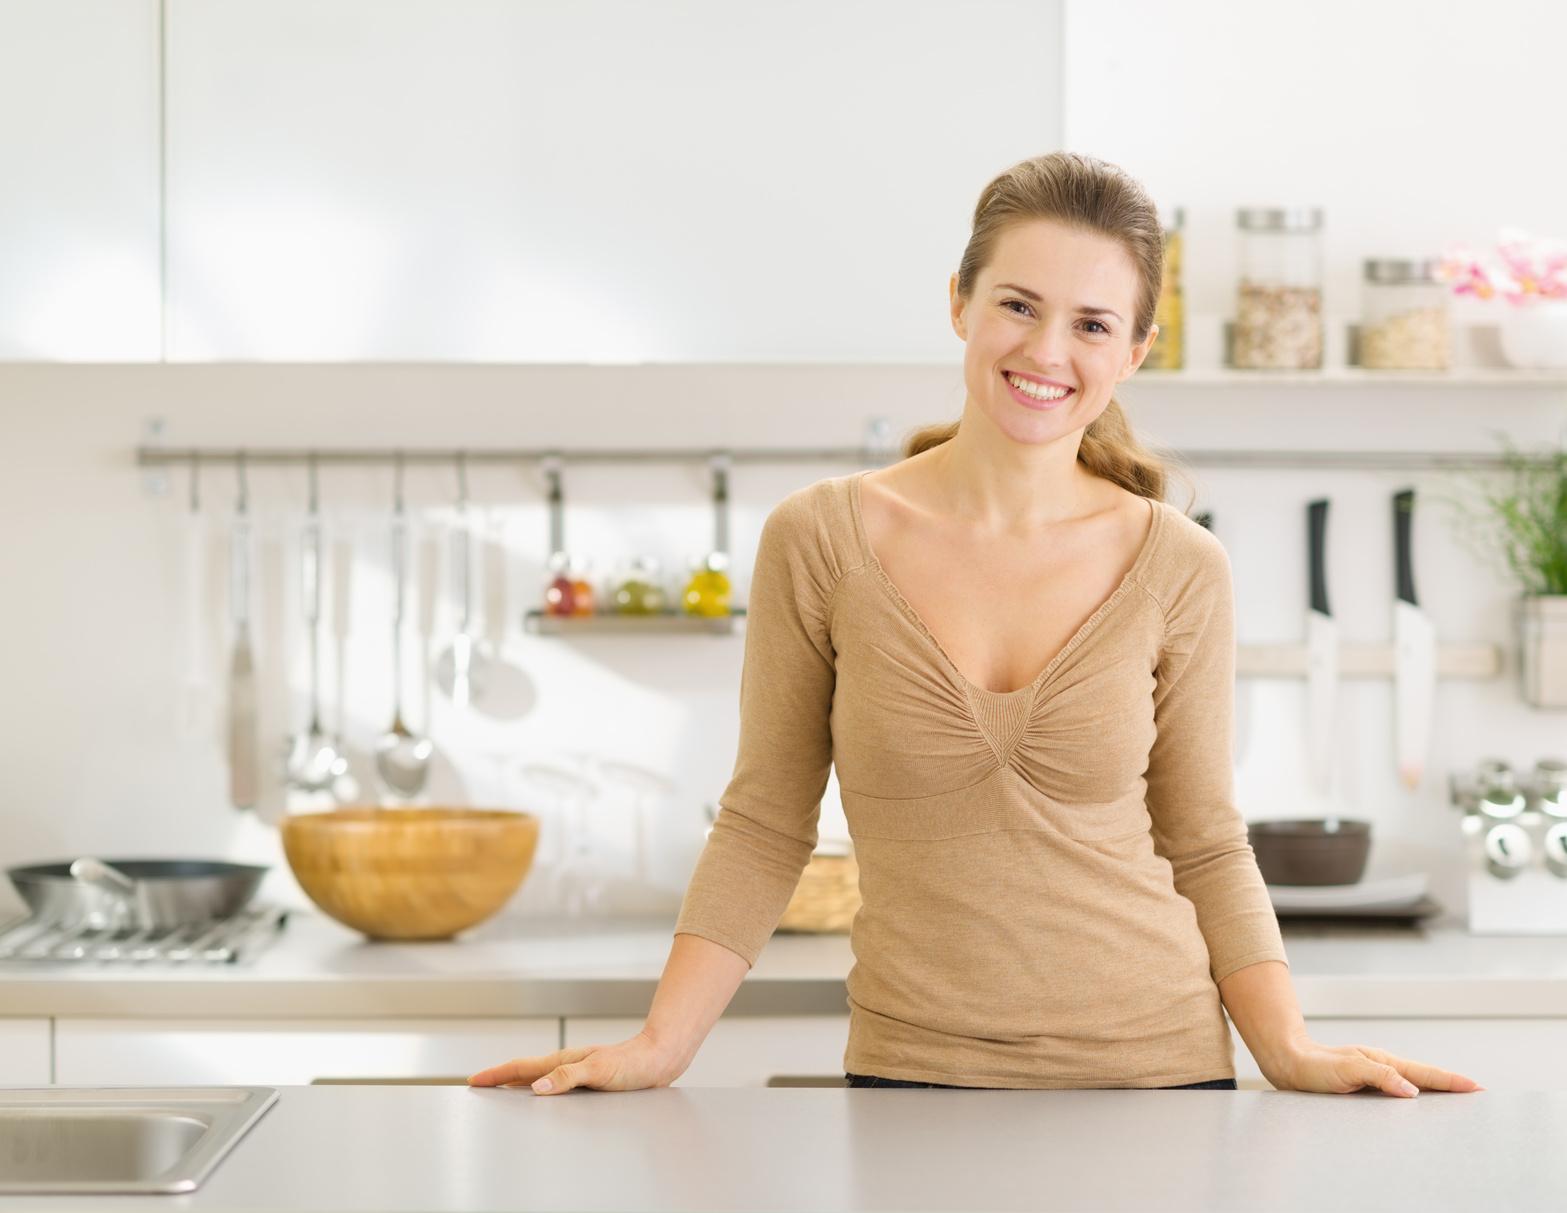 Die Richtige Hohe Der Kuchenzeile Ganz Einfach Finden